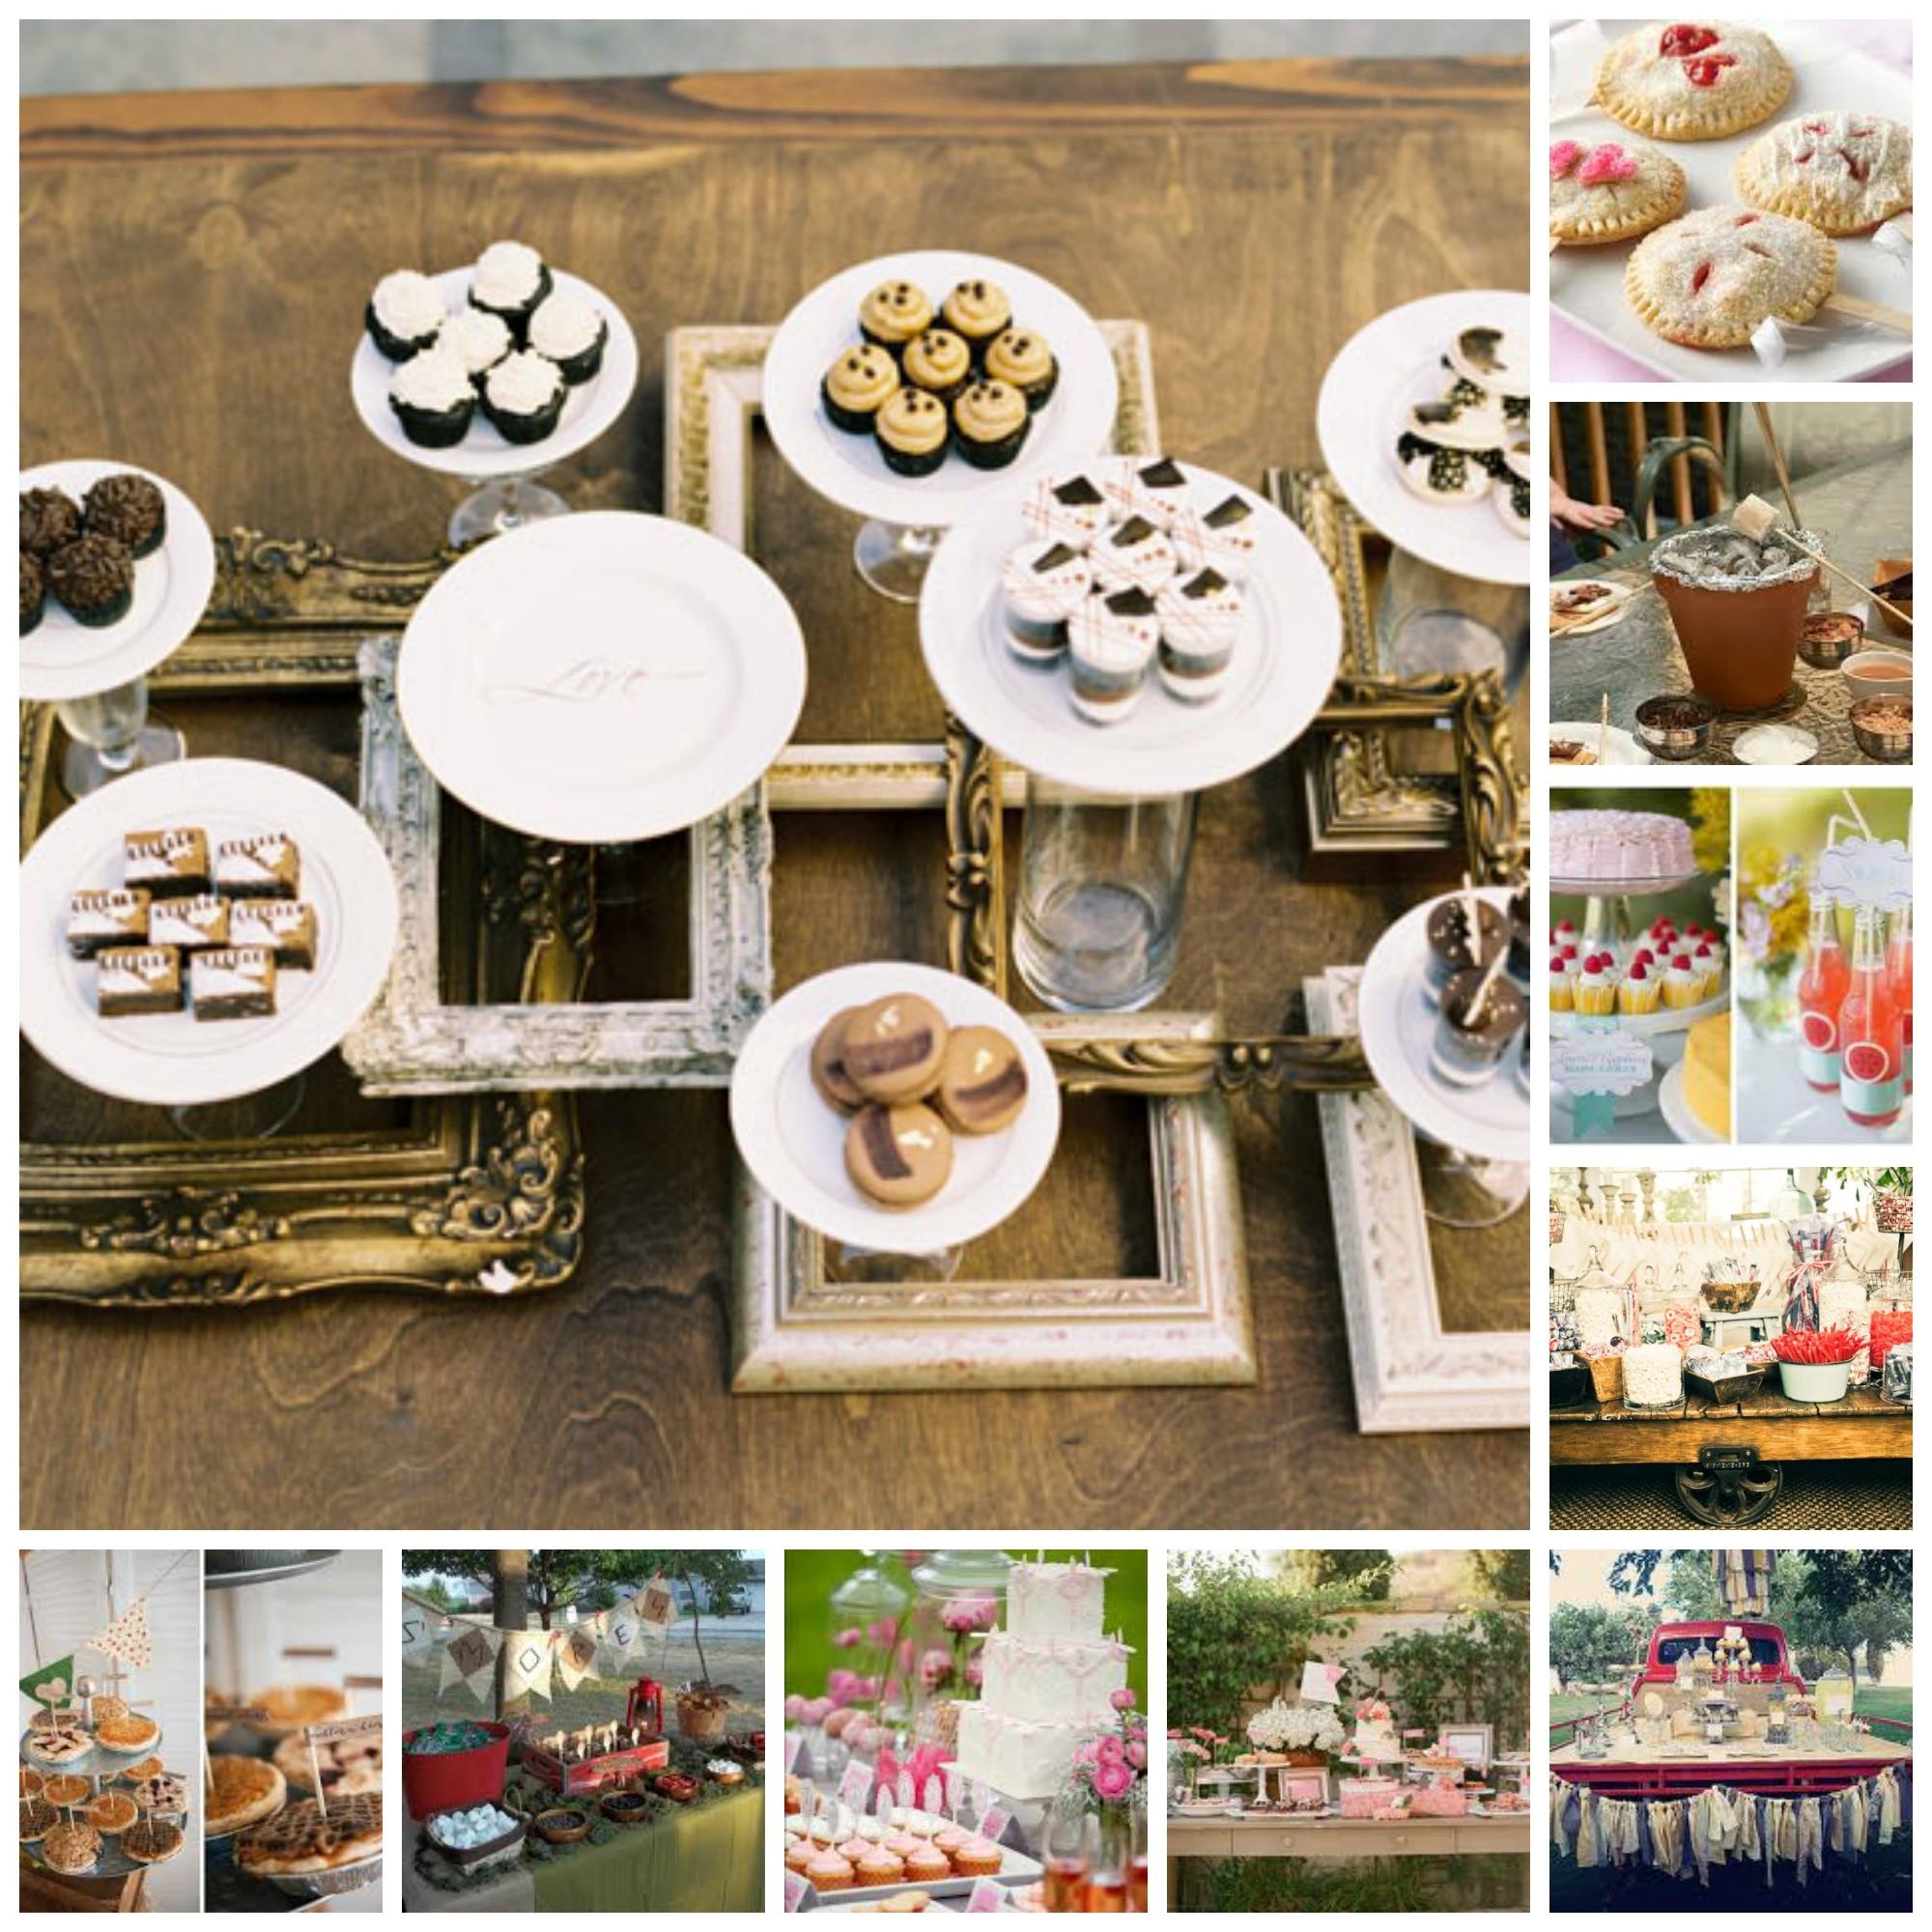 Wedding Dessert Bar Ideas - Dinner 4 Two